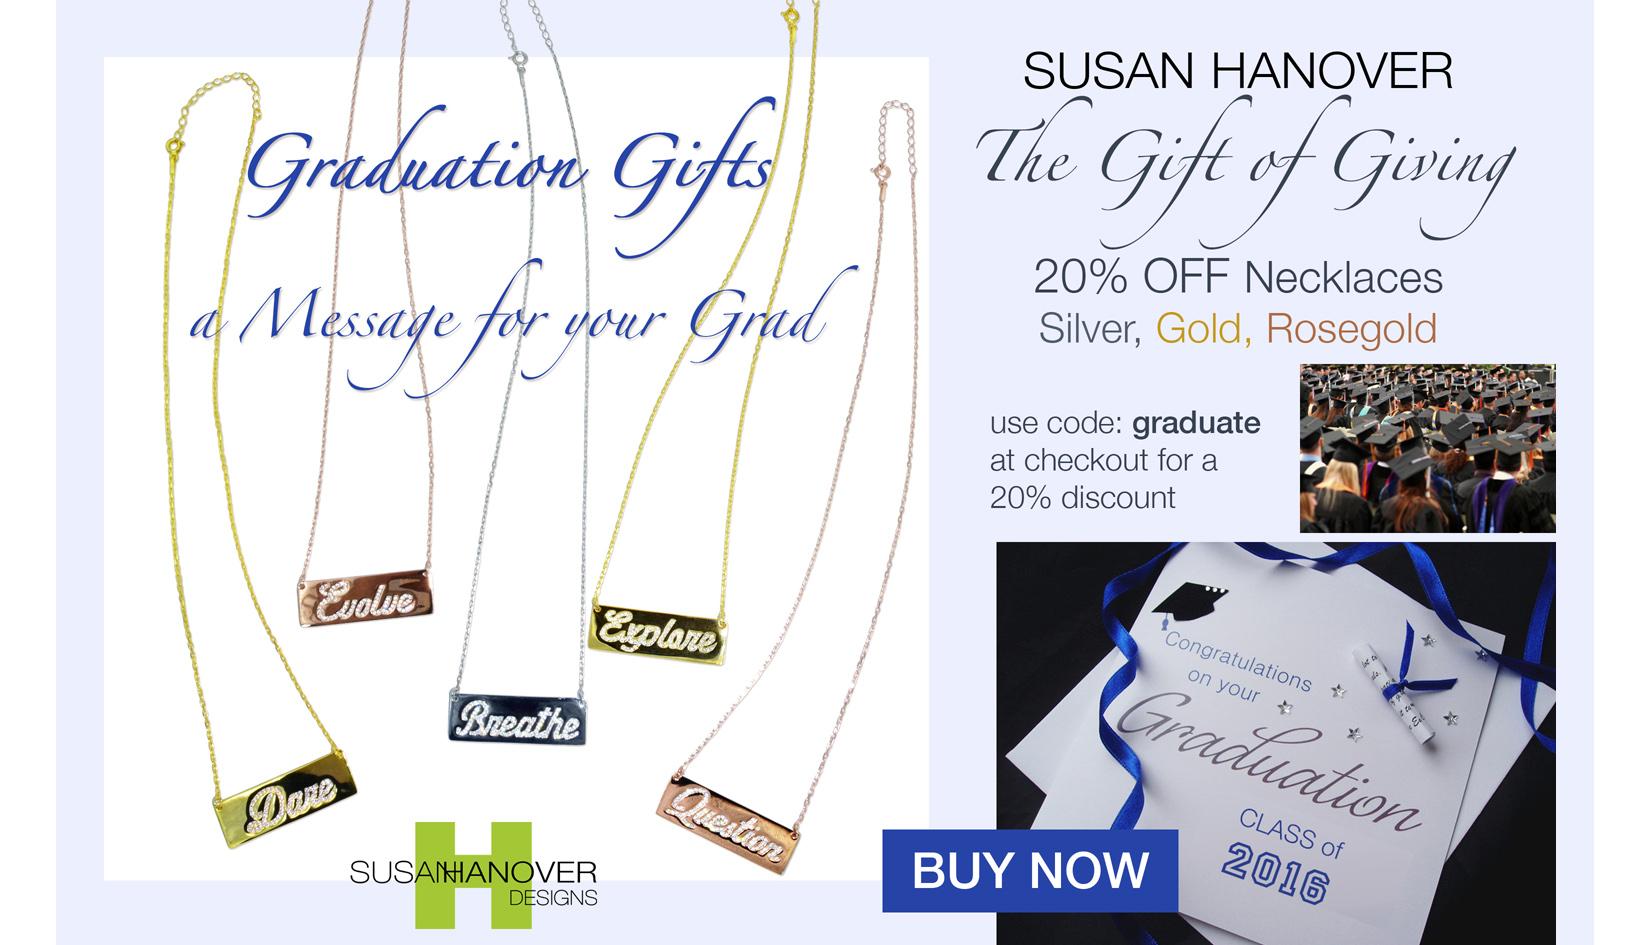 Grad_gifts_SusanHanover.jpeg